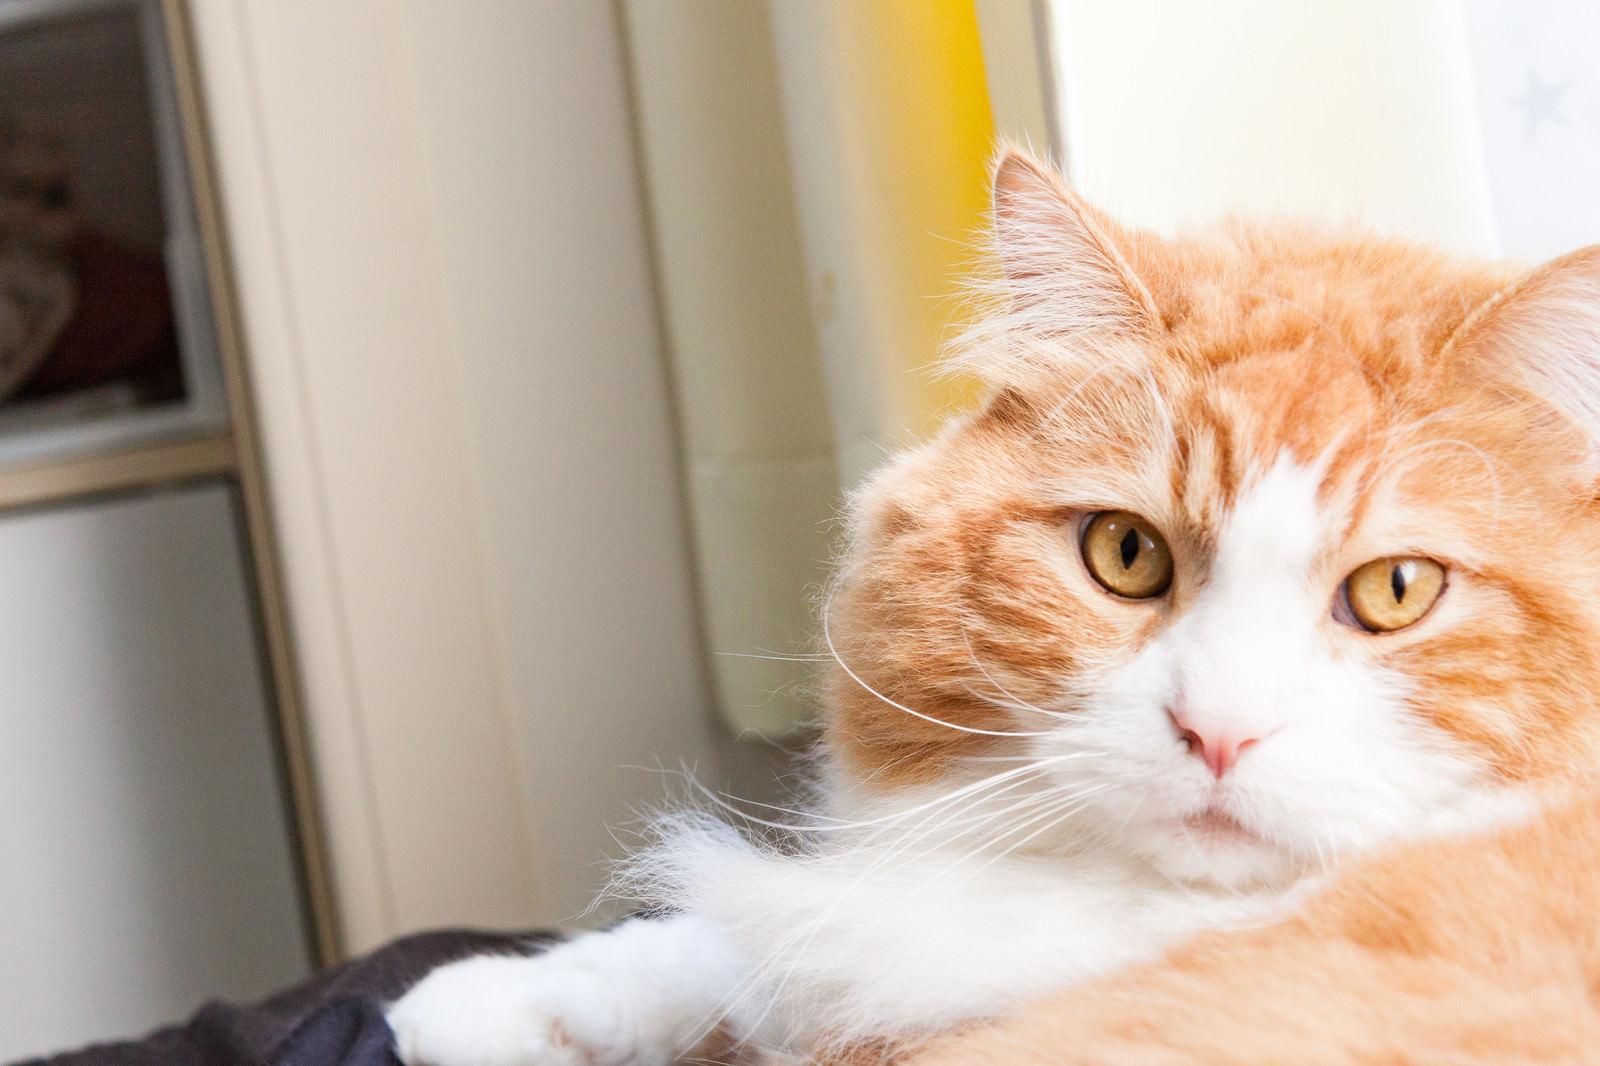 「いたずらがバレて振り返る猫」の写真